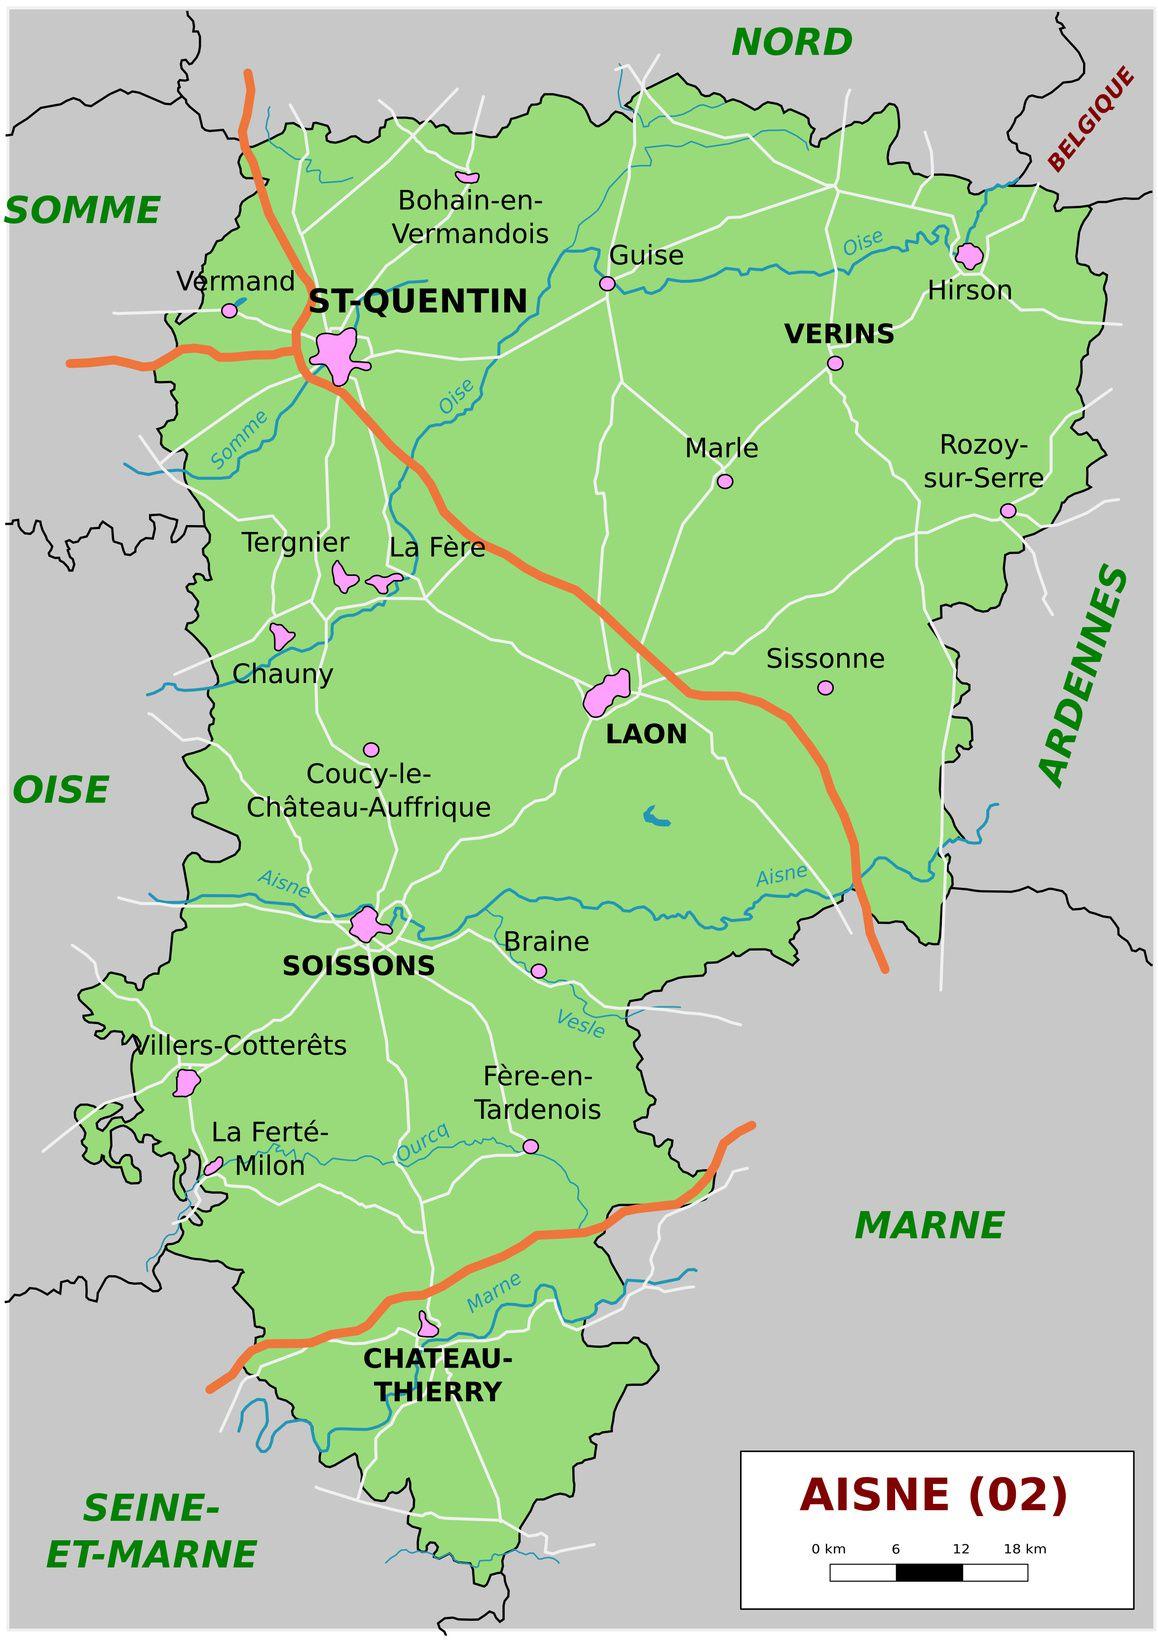 Carte De L'aisne - Aisne Carte Du Département 02 - Villes tout Carte De France Detaillée Gratuite